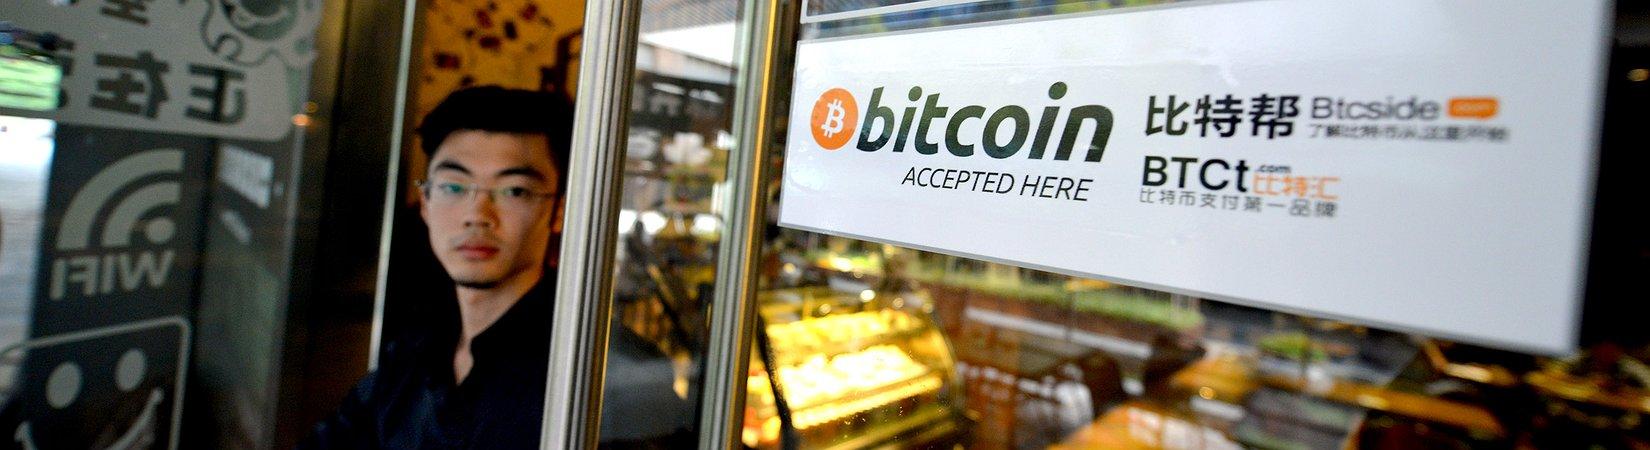 Nemmeno la Cina può uccidere Bitcoin